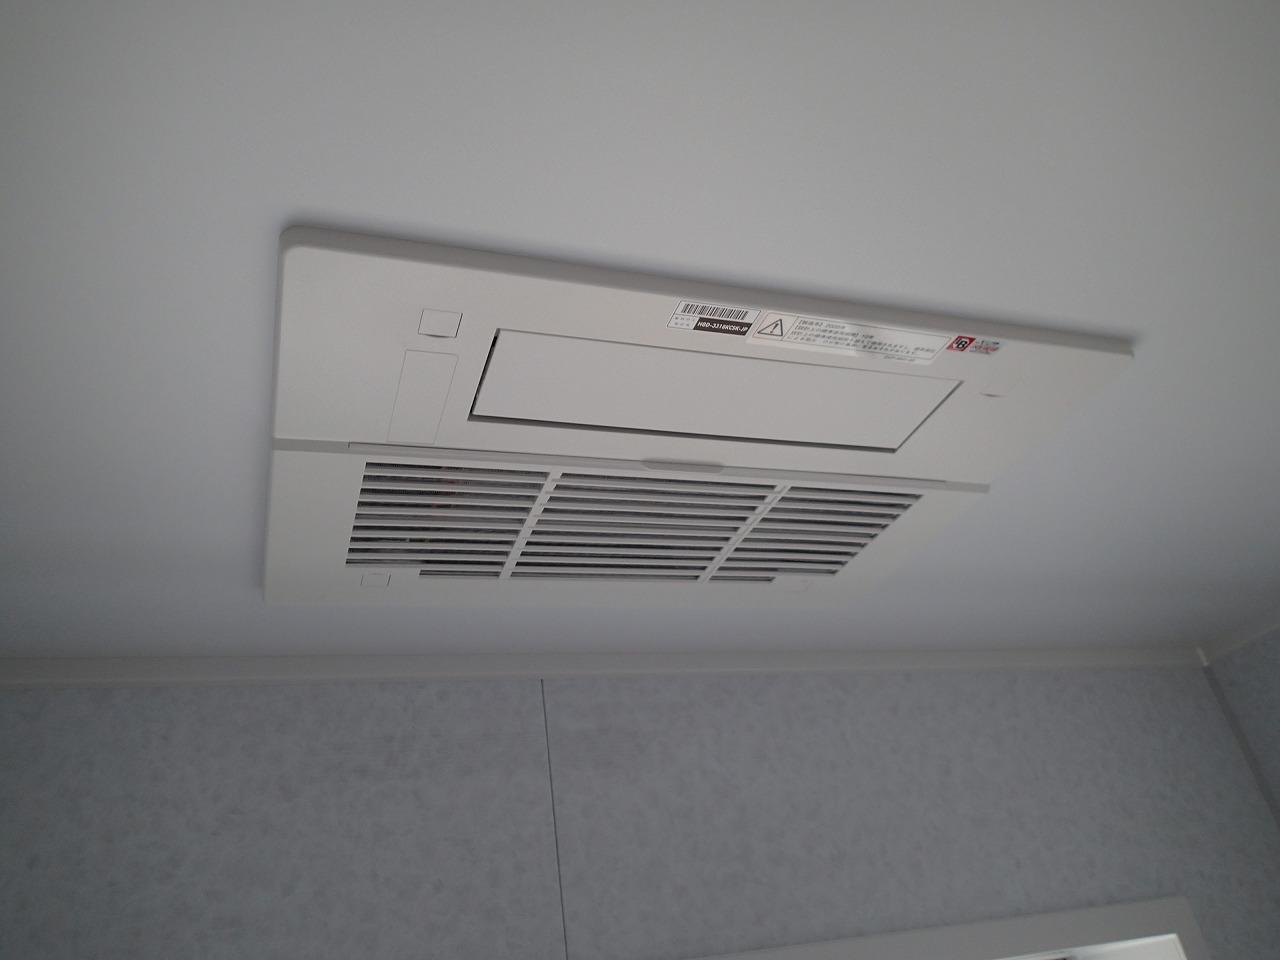 ガス温水式浴室暖房乾燥機で冬場も快適、衣類乾燥も十分実用的に使用できます